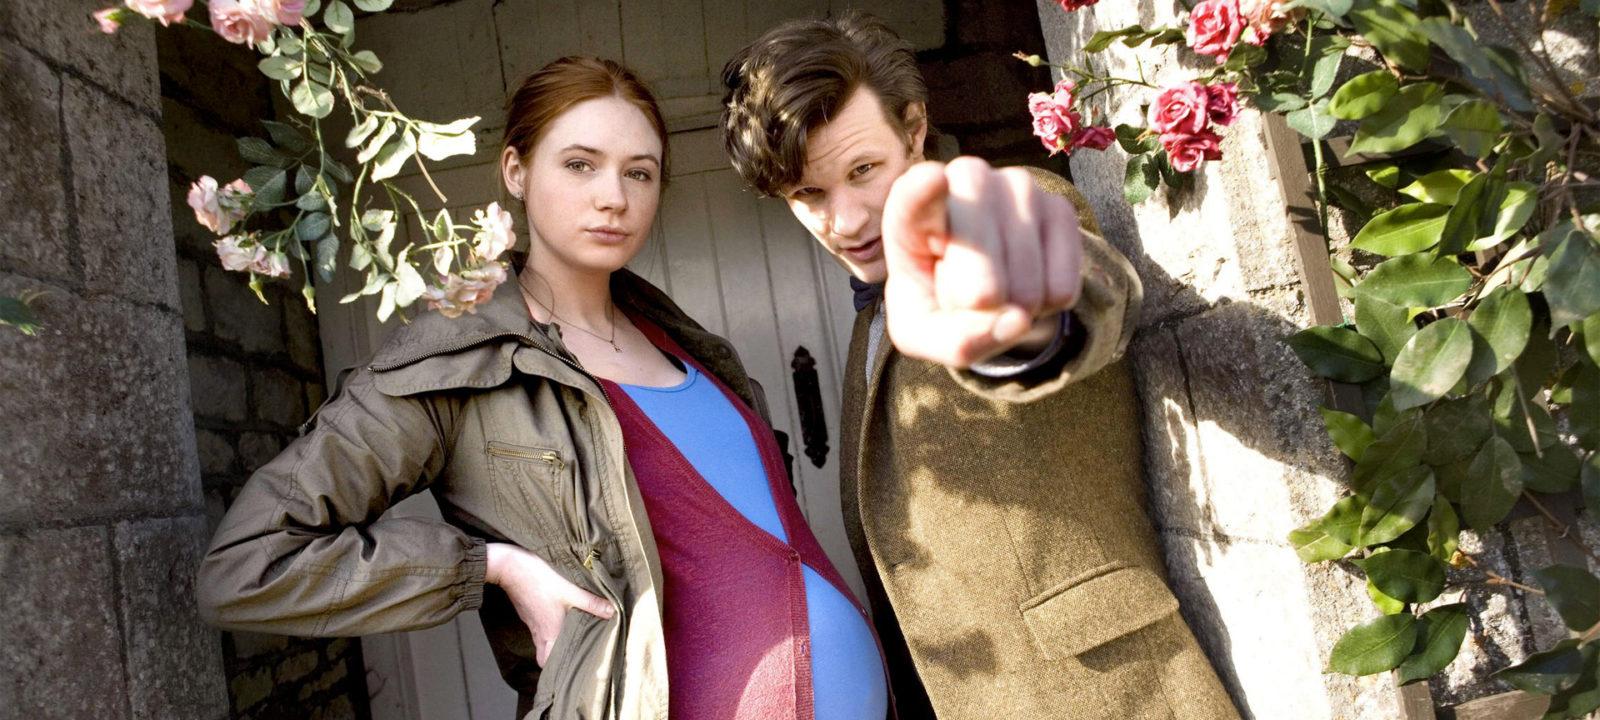 'Amy's Choice' (Photo: BBC)